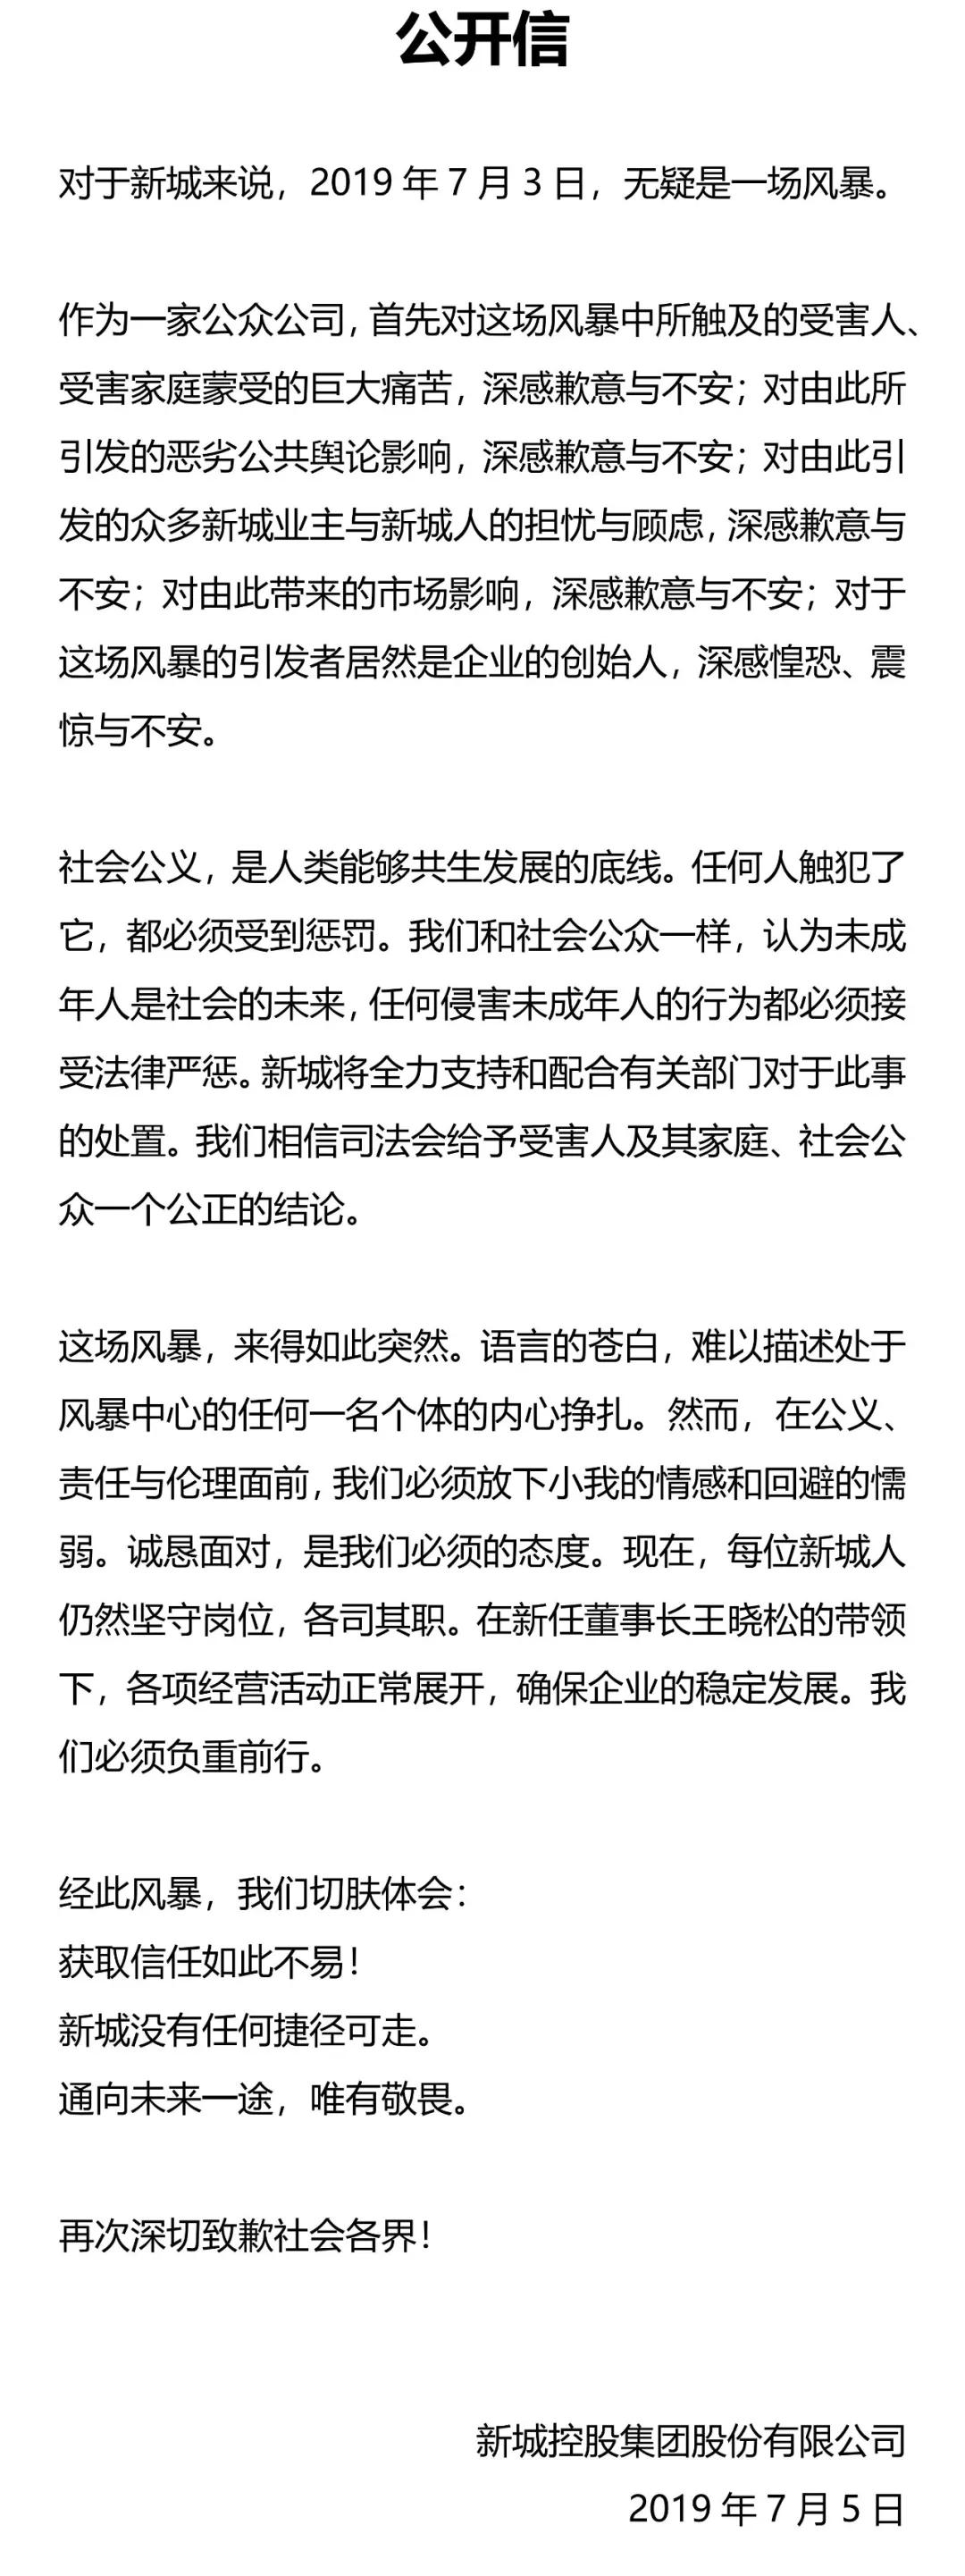 新城控股發佈公開信:深感歉意與不安-中國網地産